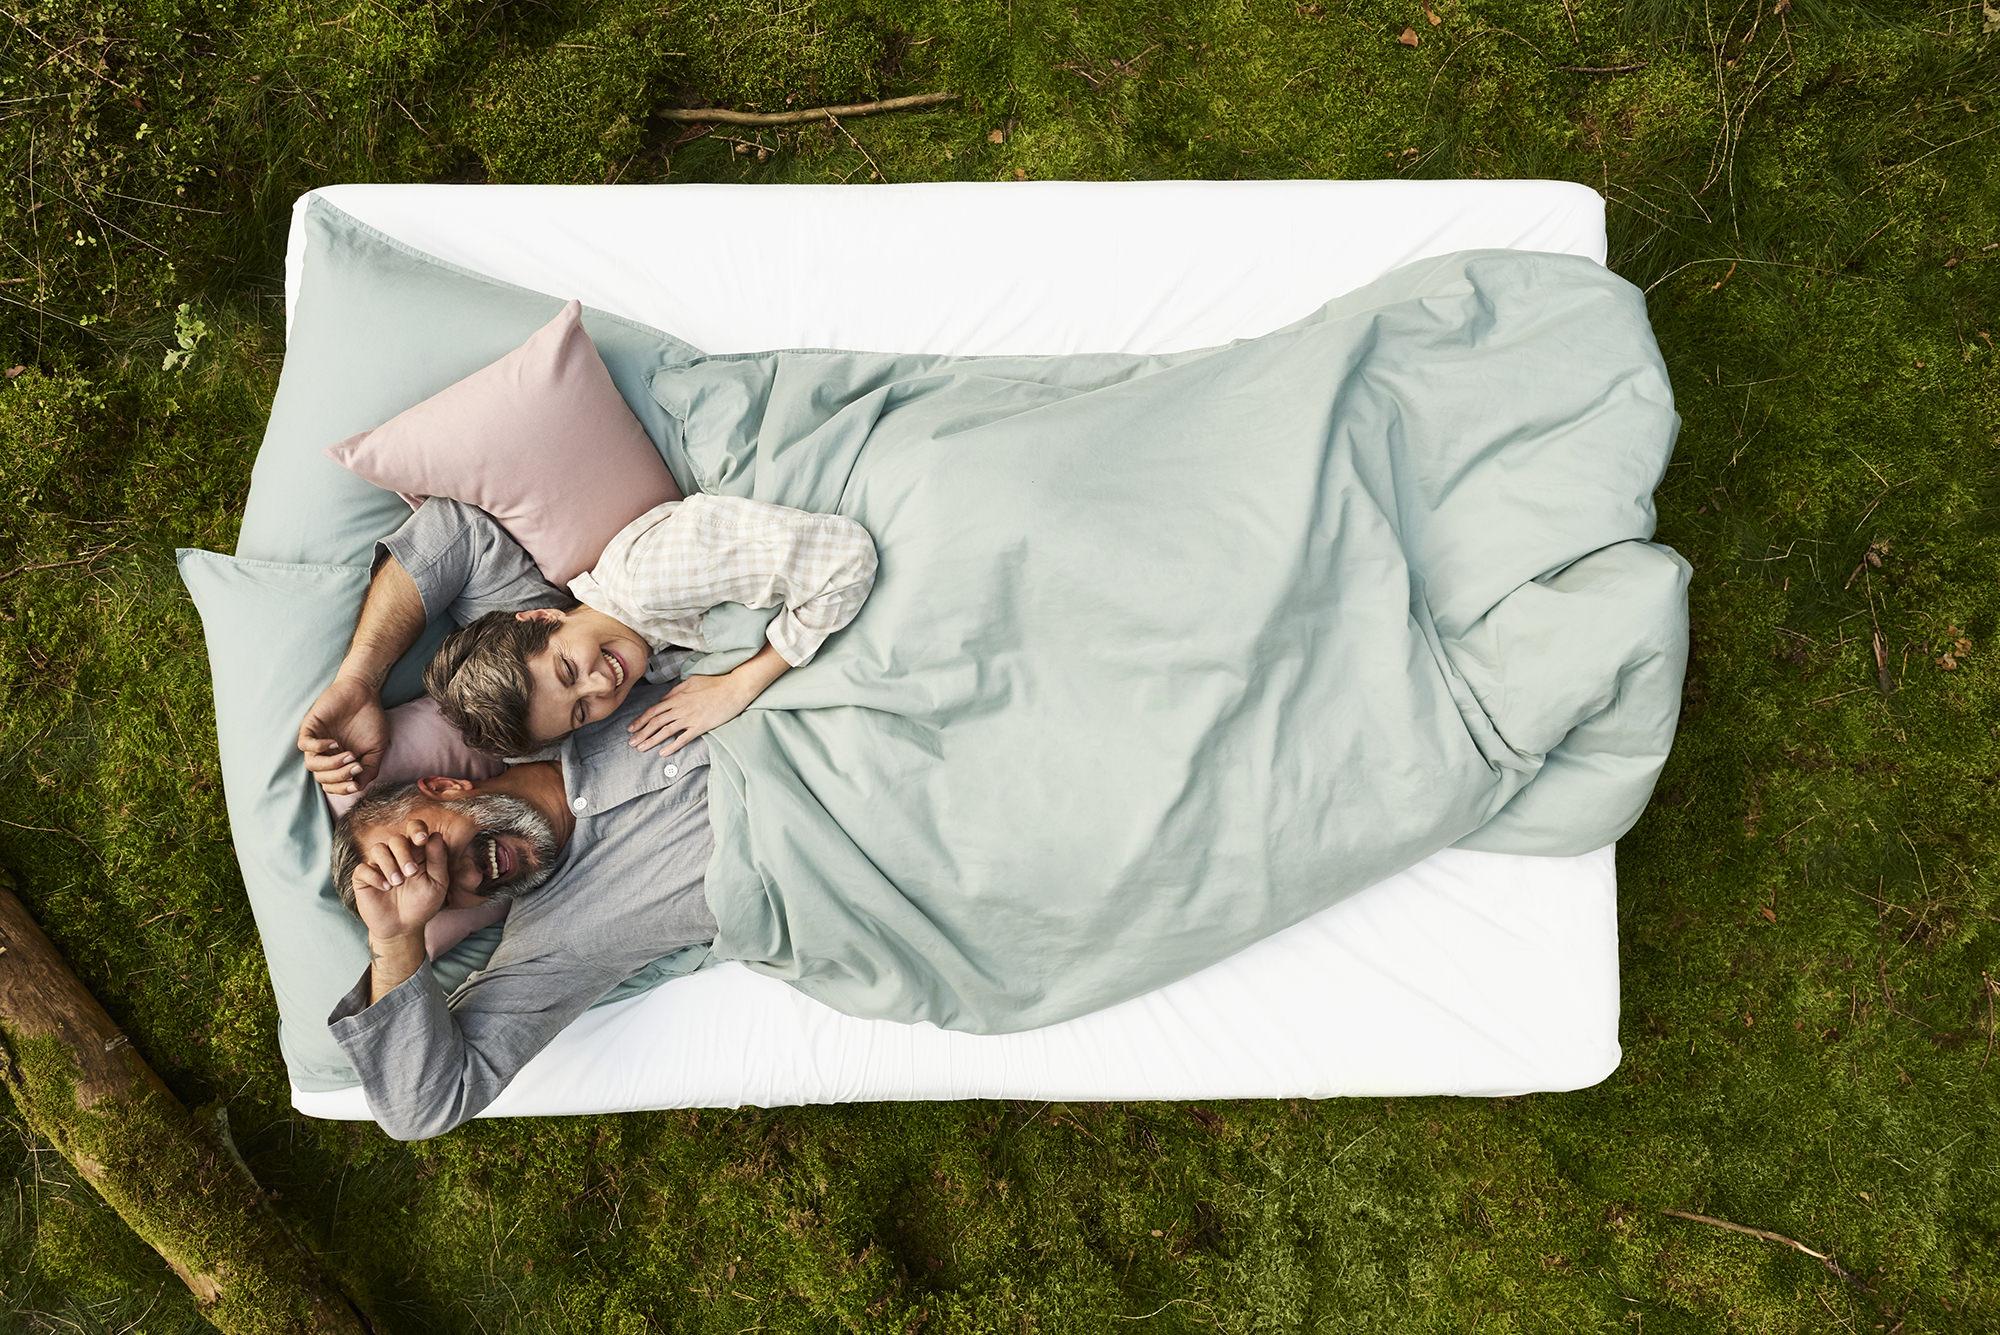 Best Ager Paar liegt auf einer stylischen Matratze in der Natur und kuschelt